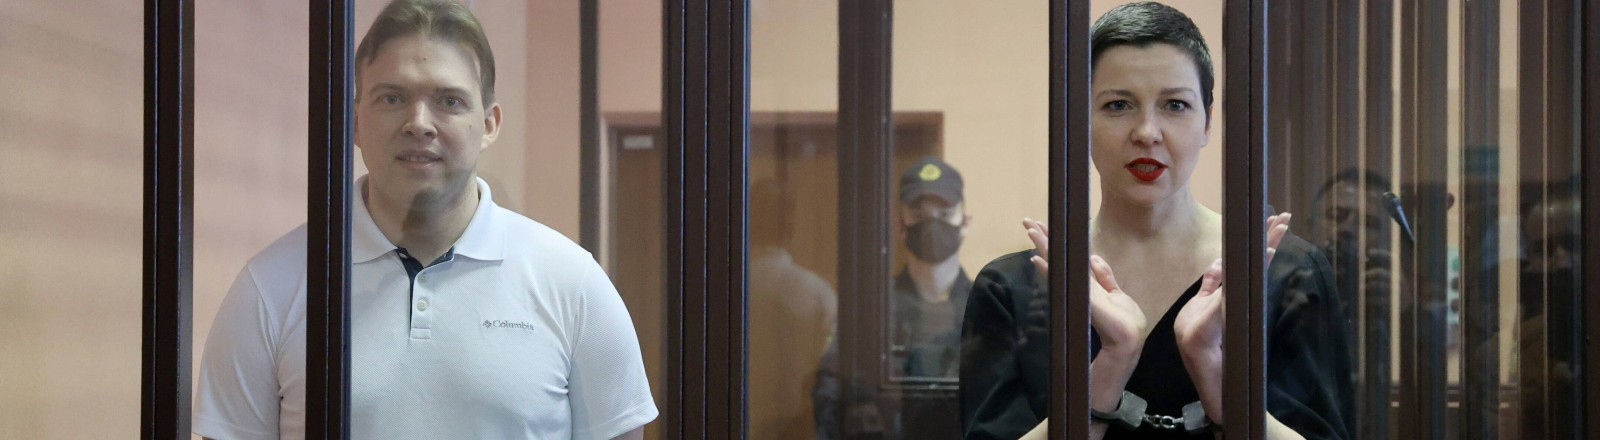 Die belarusische Oppositionellen Maxim Snak und Maria Kolesnikowa am 6.09.2021 im Gerichtssaal in Minsk.